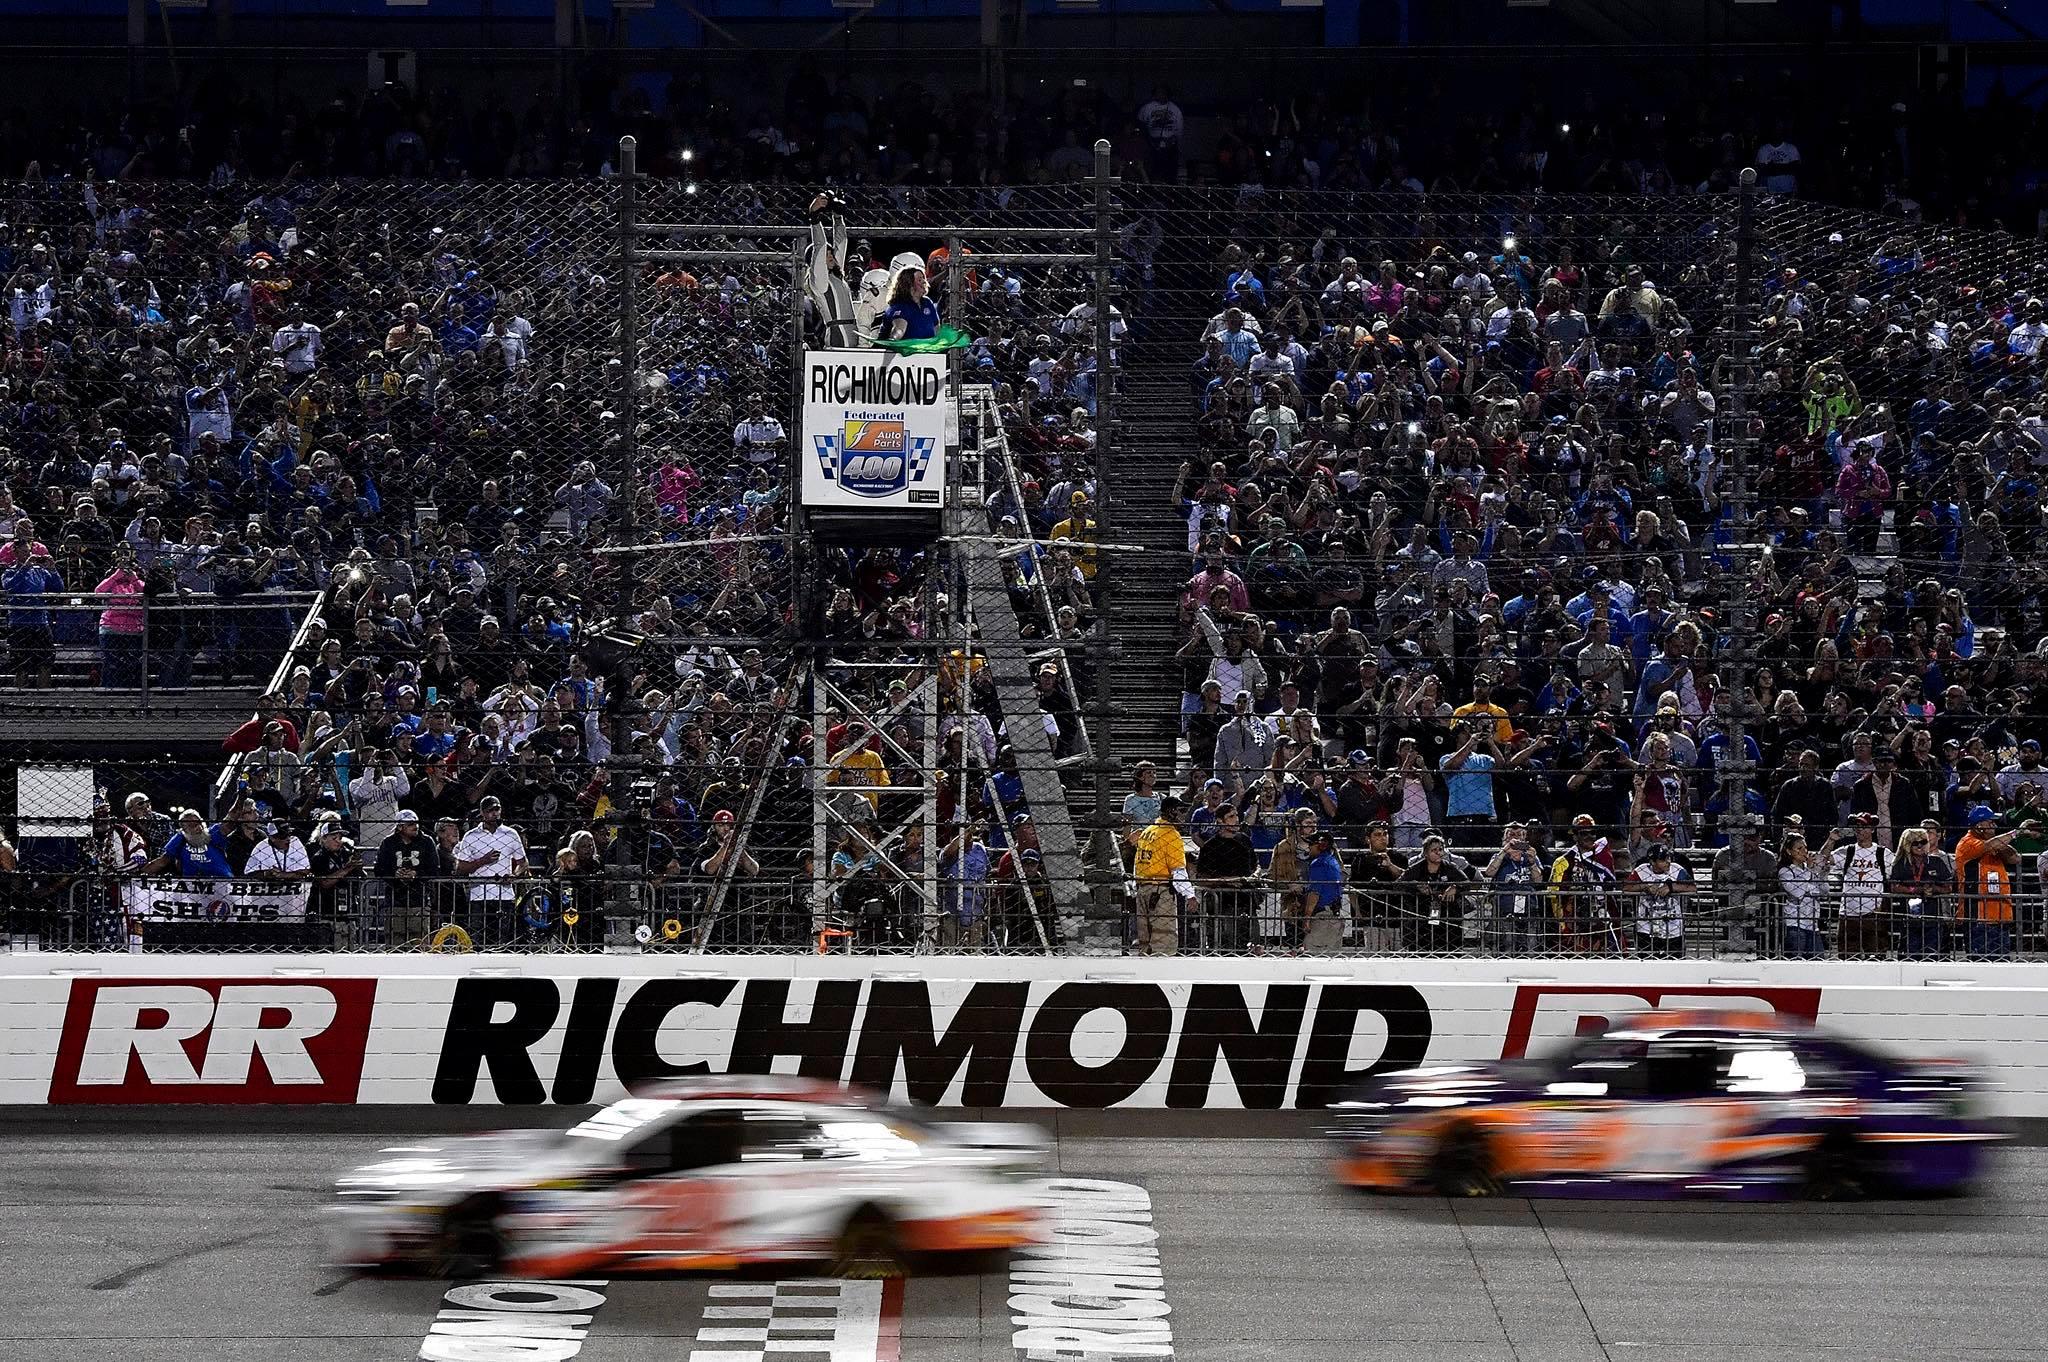 Richmond Raceway - Motion Blur